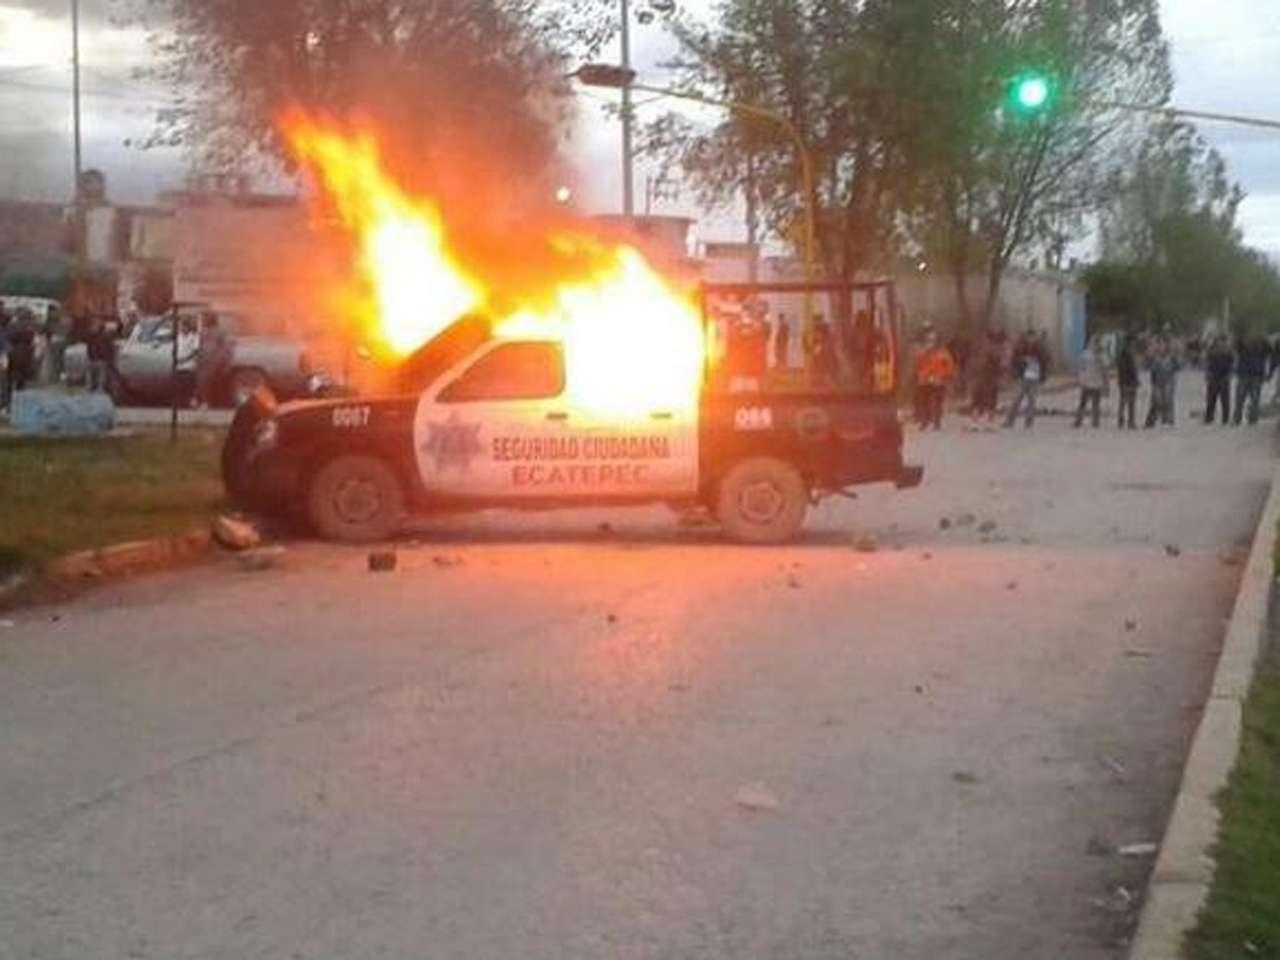 Vecinos de la Colonia Potrero del Rey, en Ecatepec, Estado de México, quemaron dos patrullas, un vehículo del Ayuntamiento y una oficina de la Policía municipal, luego que la Marina se llevó a 2 presuntos secuestradores que habían detenido. Foto: @IvanSanchezV